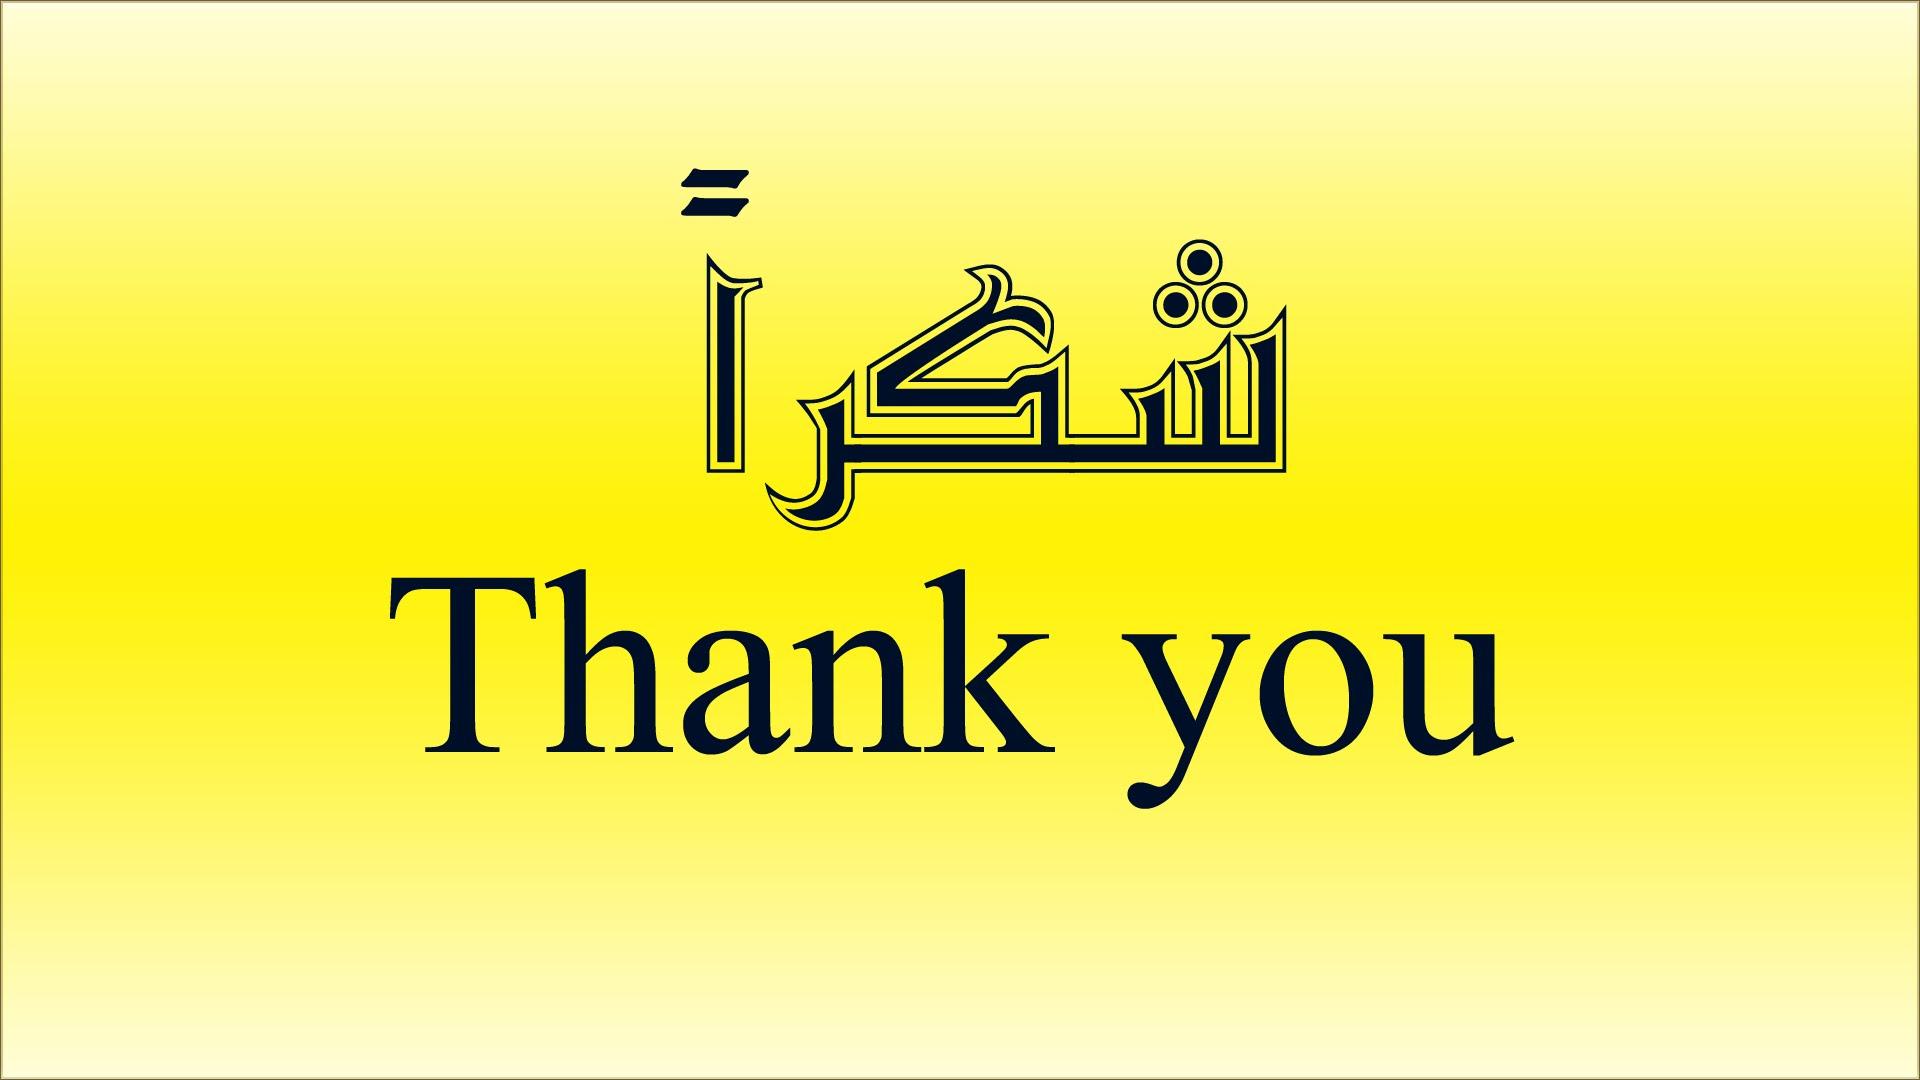 بالصور شكرا من القلب , اجمل كلمات الشكر النابعة من القلب 1867 2